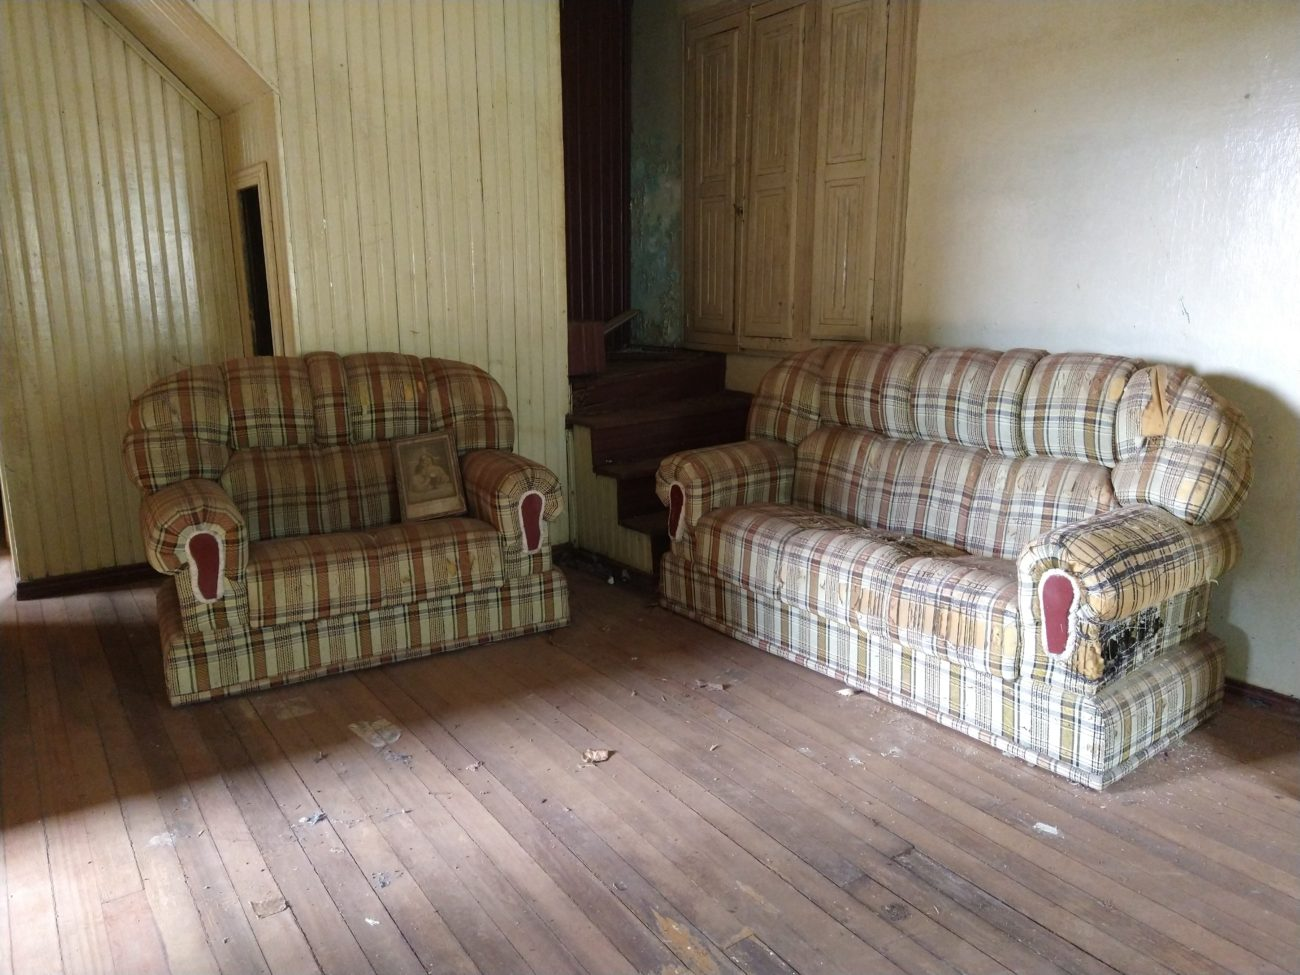 Alguns móveis da casa são os mesmos que Adelino usava. - Caroline Figueiredo/ND